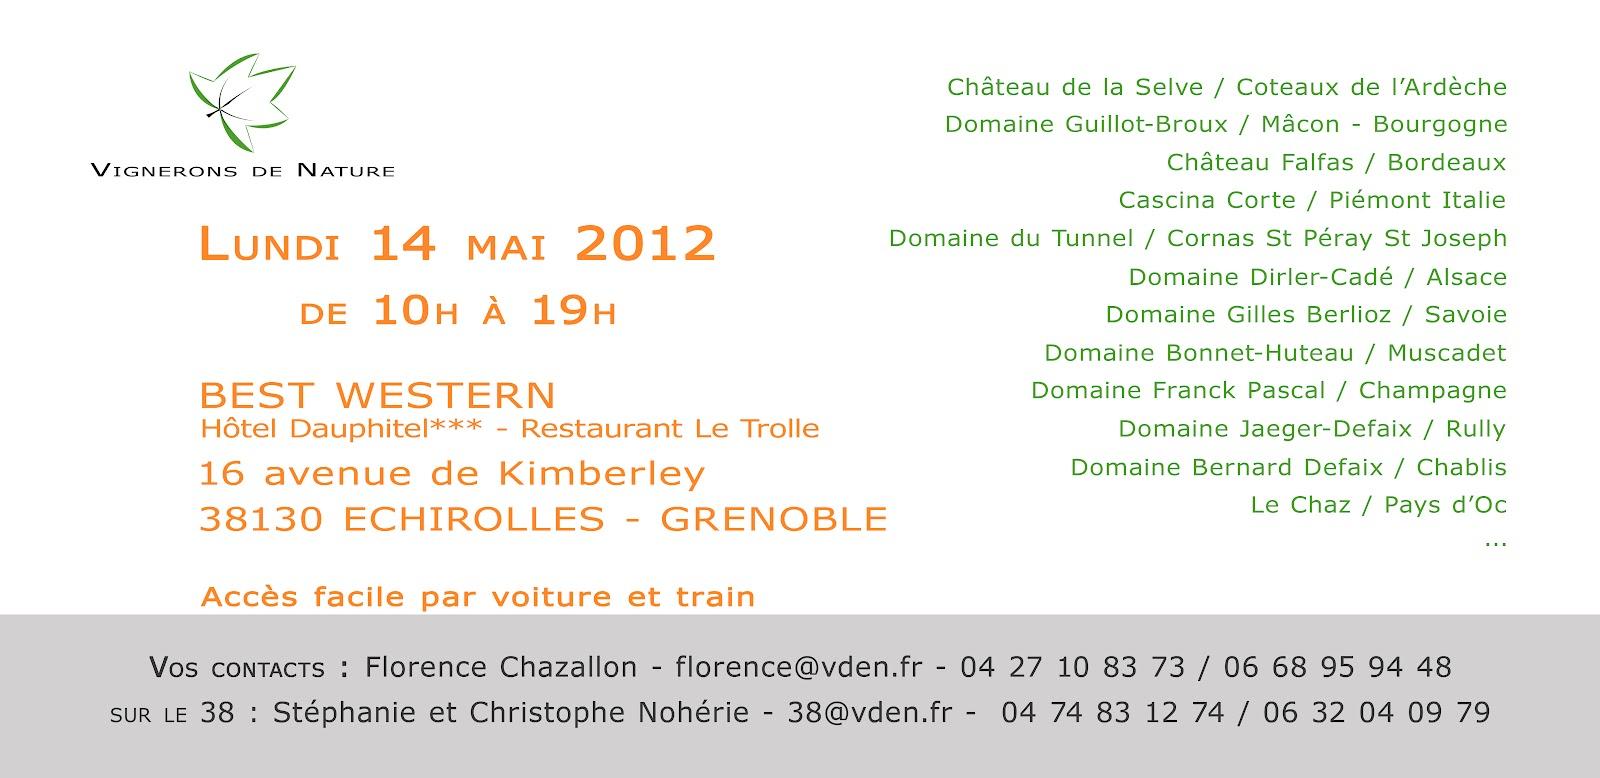 Ch teau de la selve salon pro vignerons de nature le 14 for Salon vin grenoble